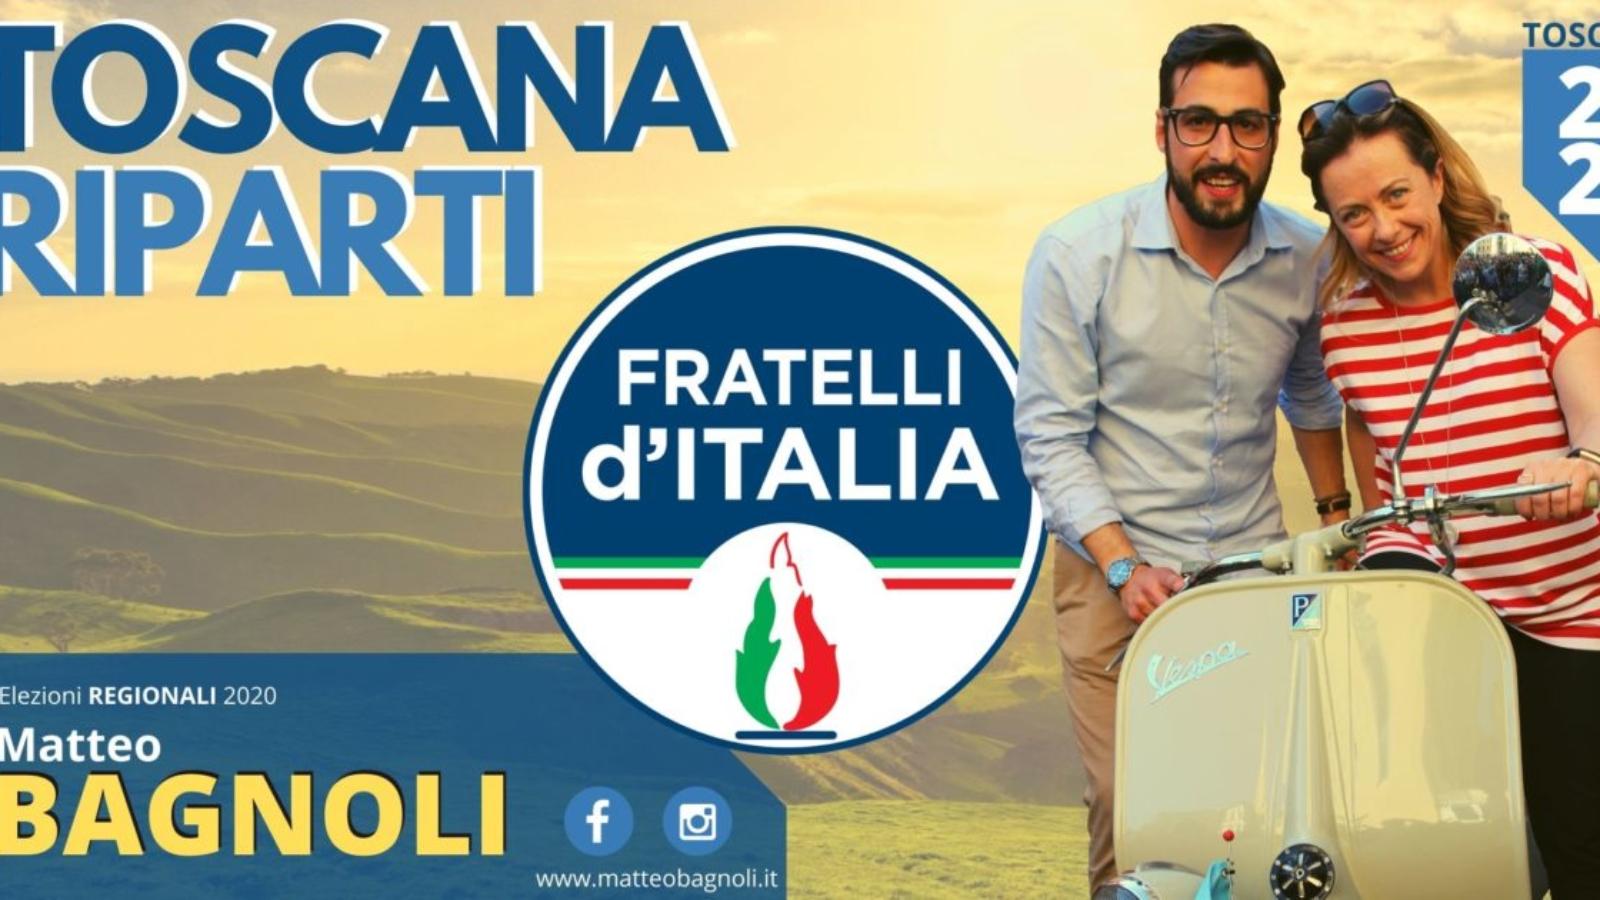 Candidato al Consiglio Regionale della Toscana-2